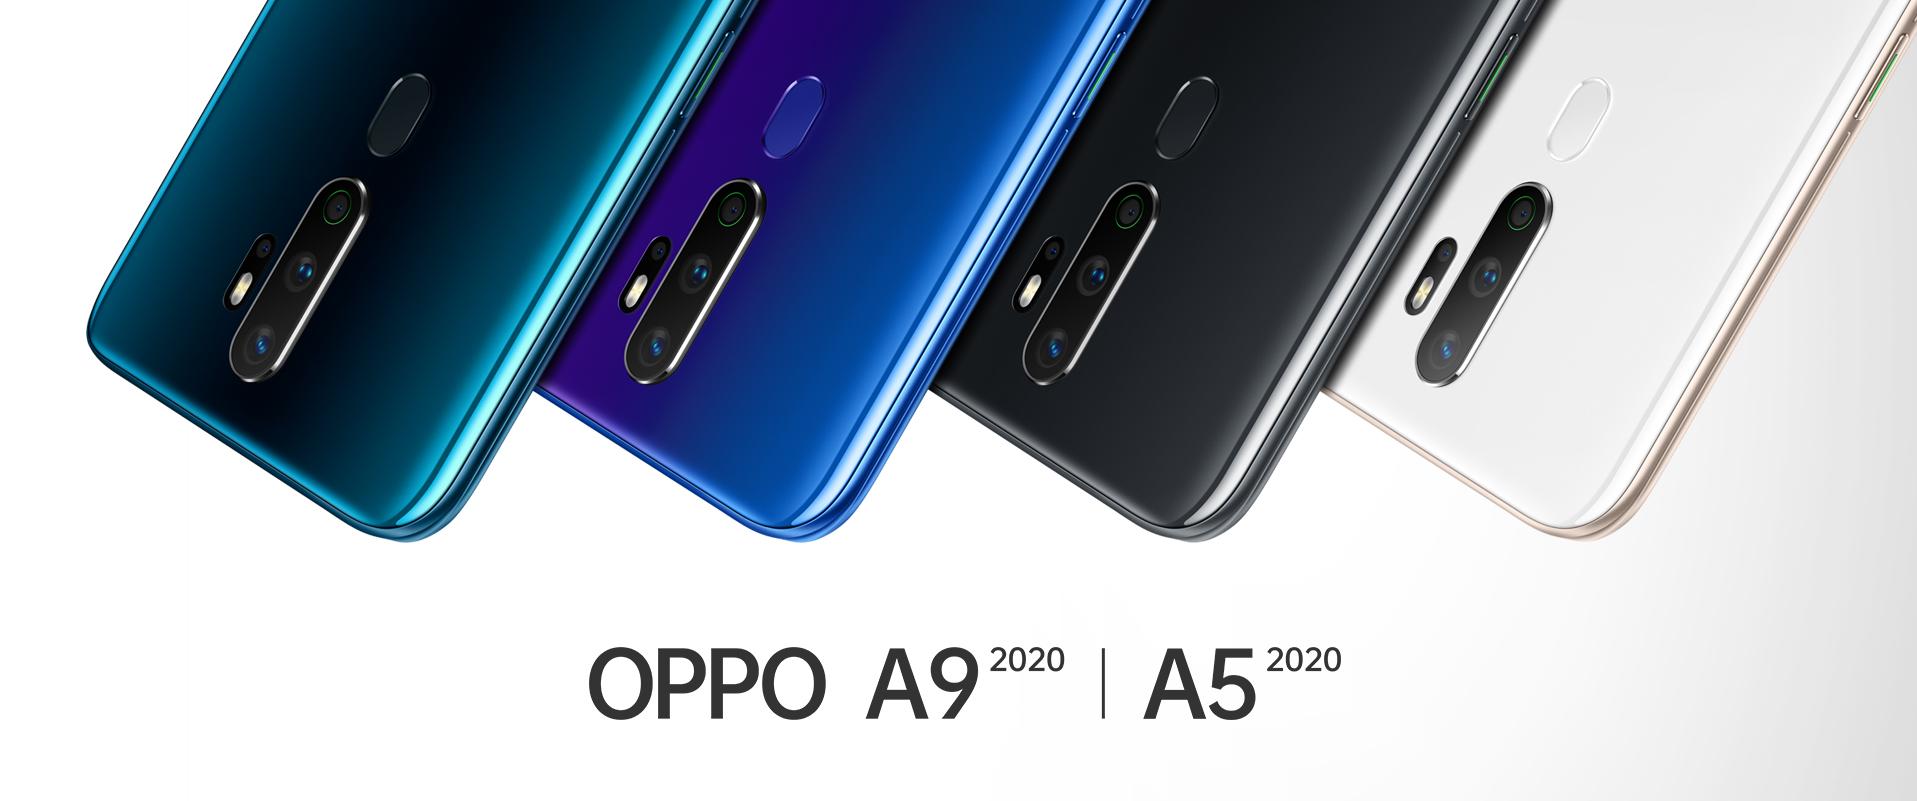 OPPO dévoile les deux nouveaux modèles de sa gamme A